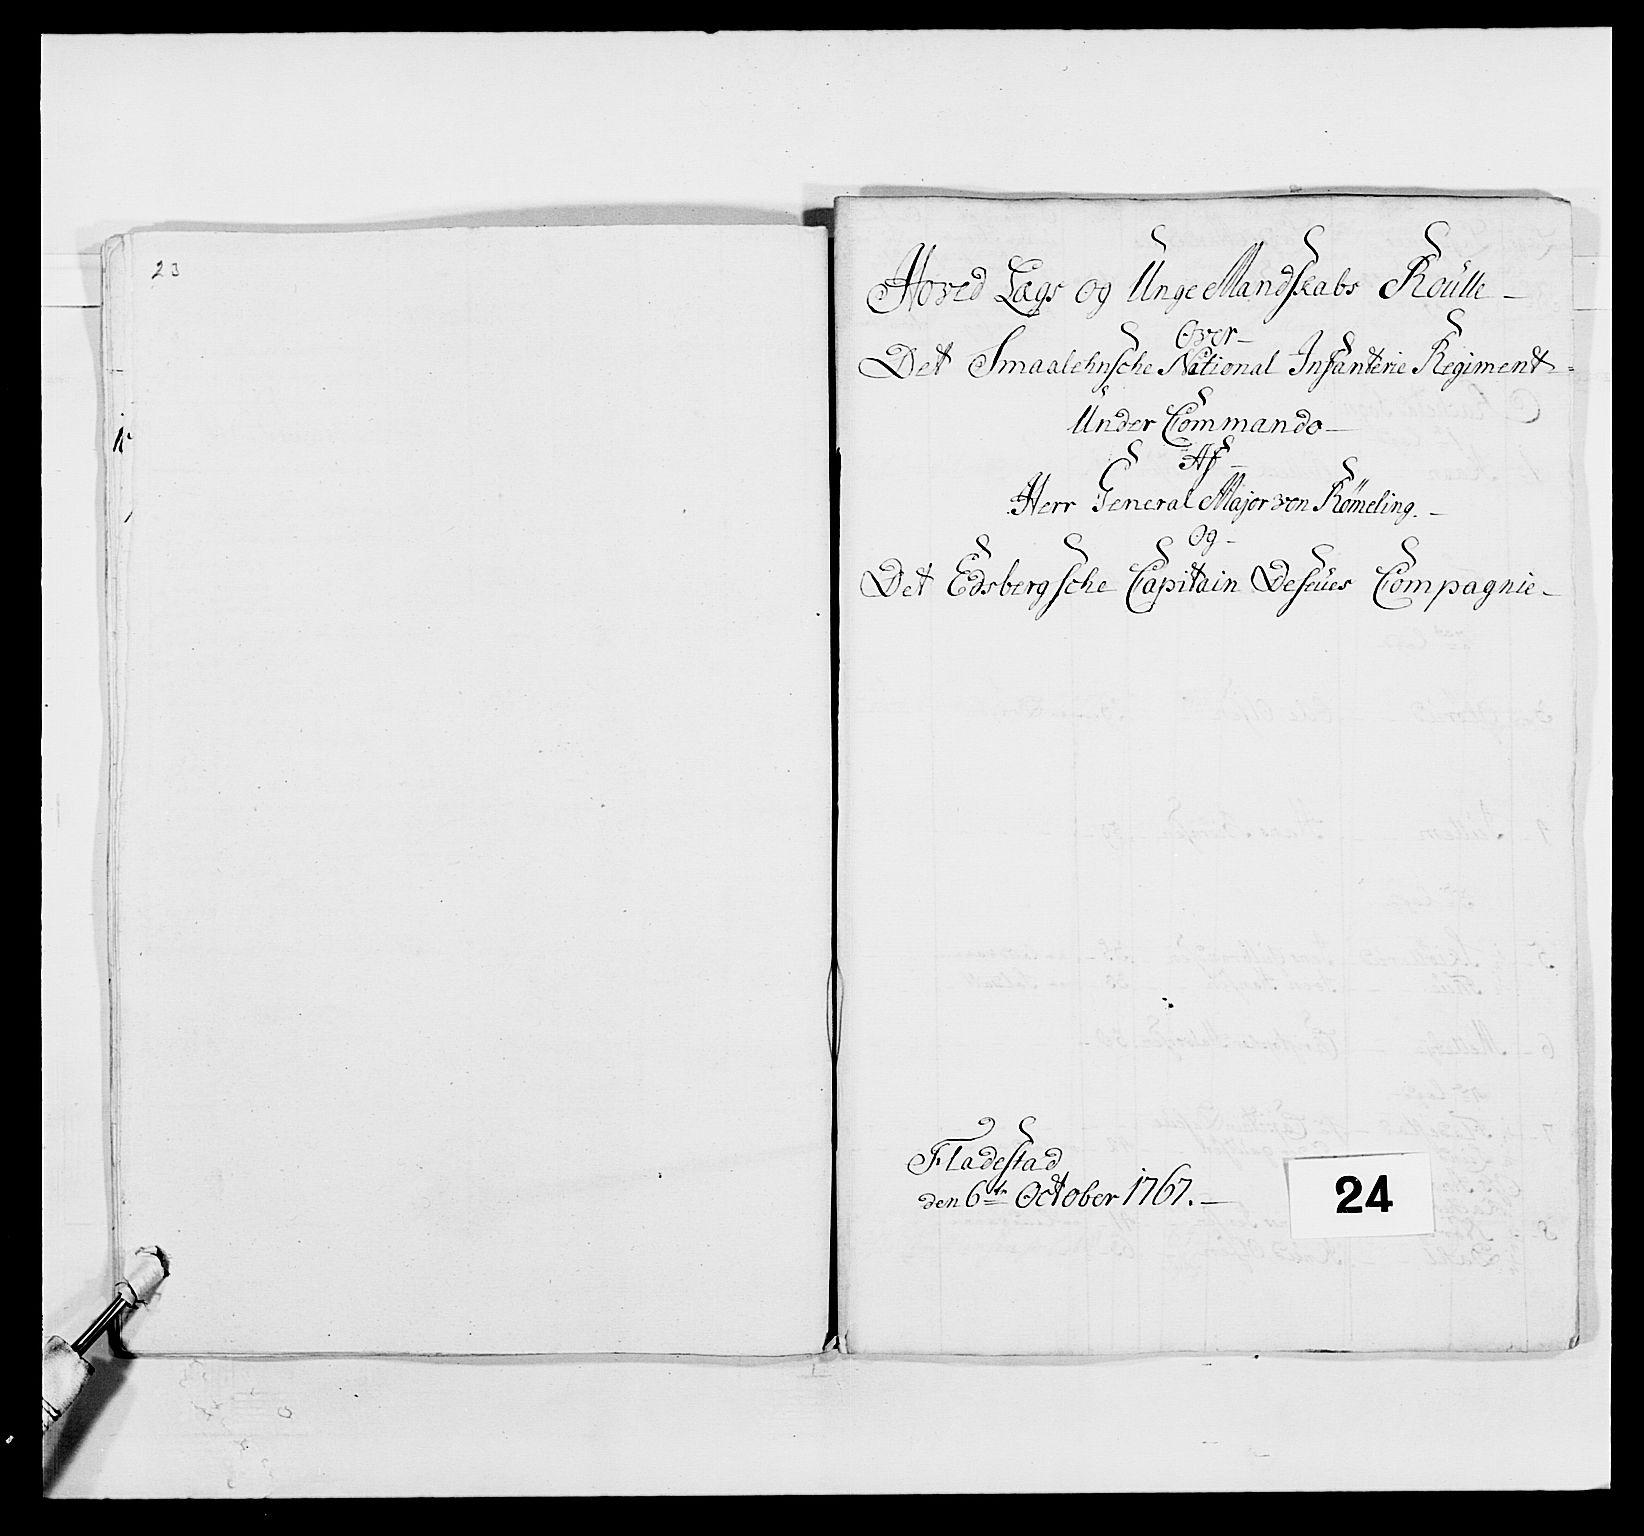 RA, Kommanderende general (KG I) med Det norske krigsdirektorium, E/Ea/L0496: 1. Smålenske regiment, 1765-1767, s. 431